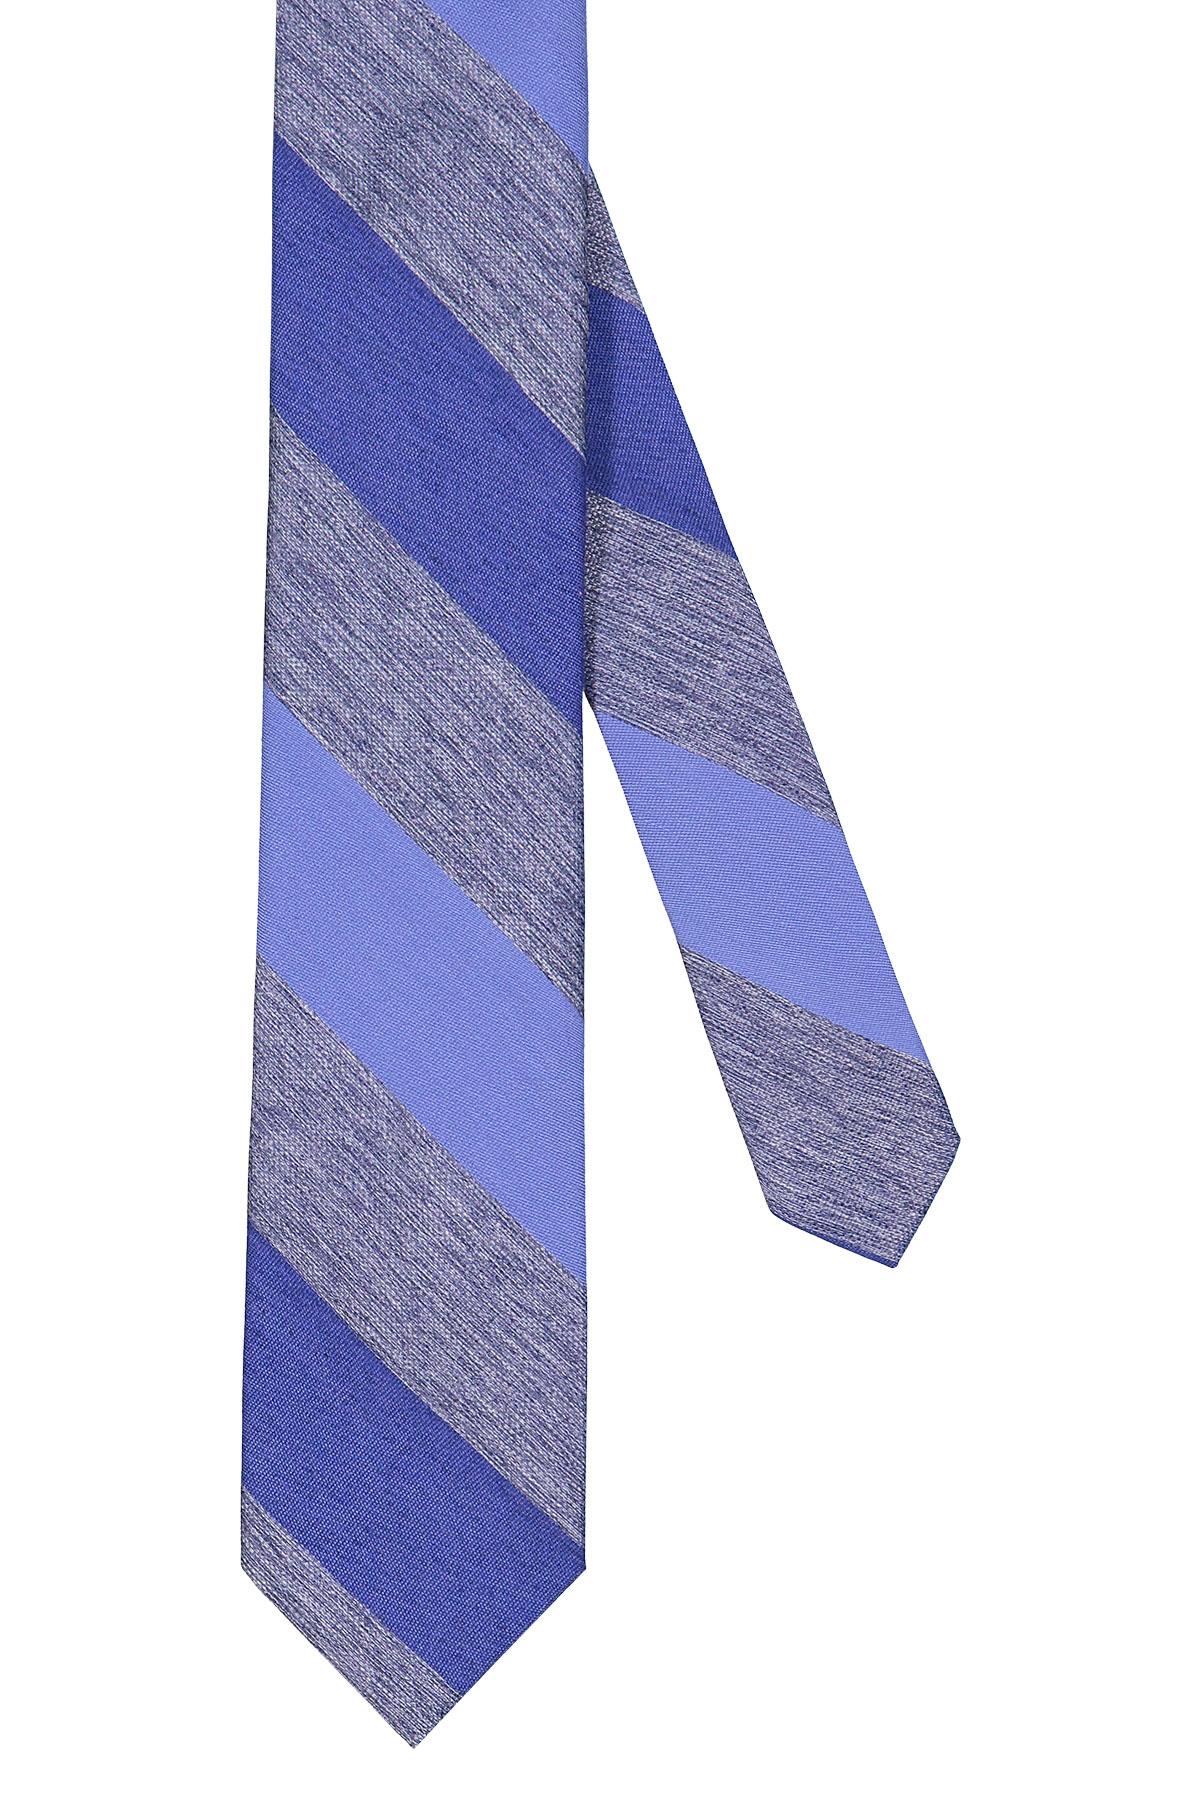 Corbata Calvin Klein, seda mezcla, rayada diagonal en tonos azules.